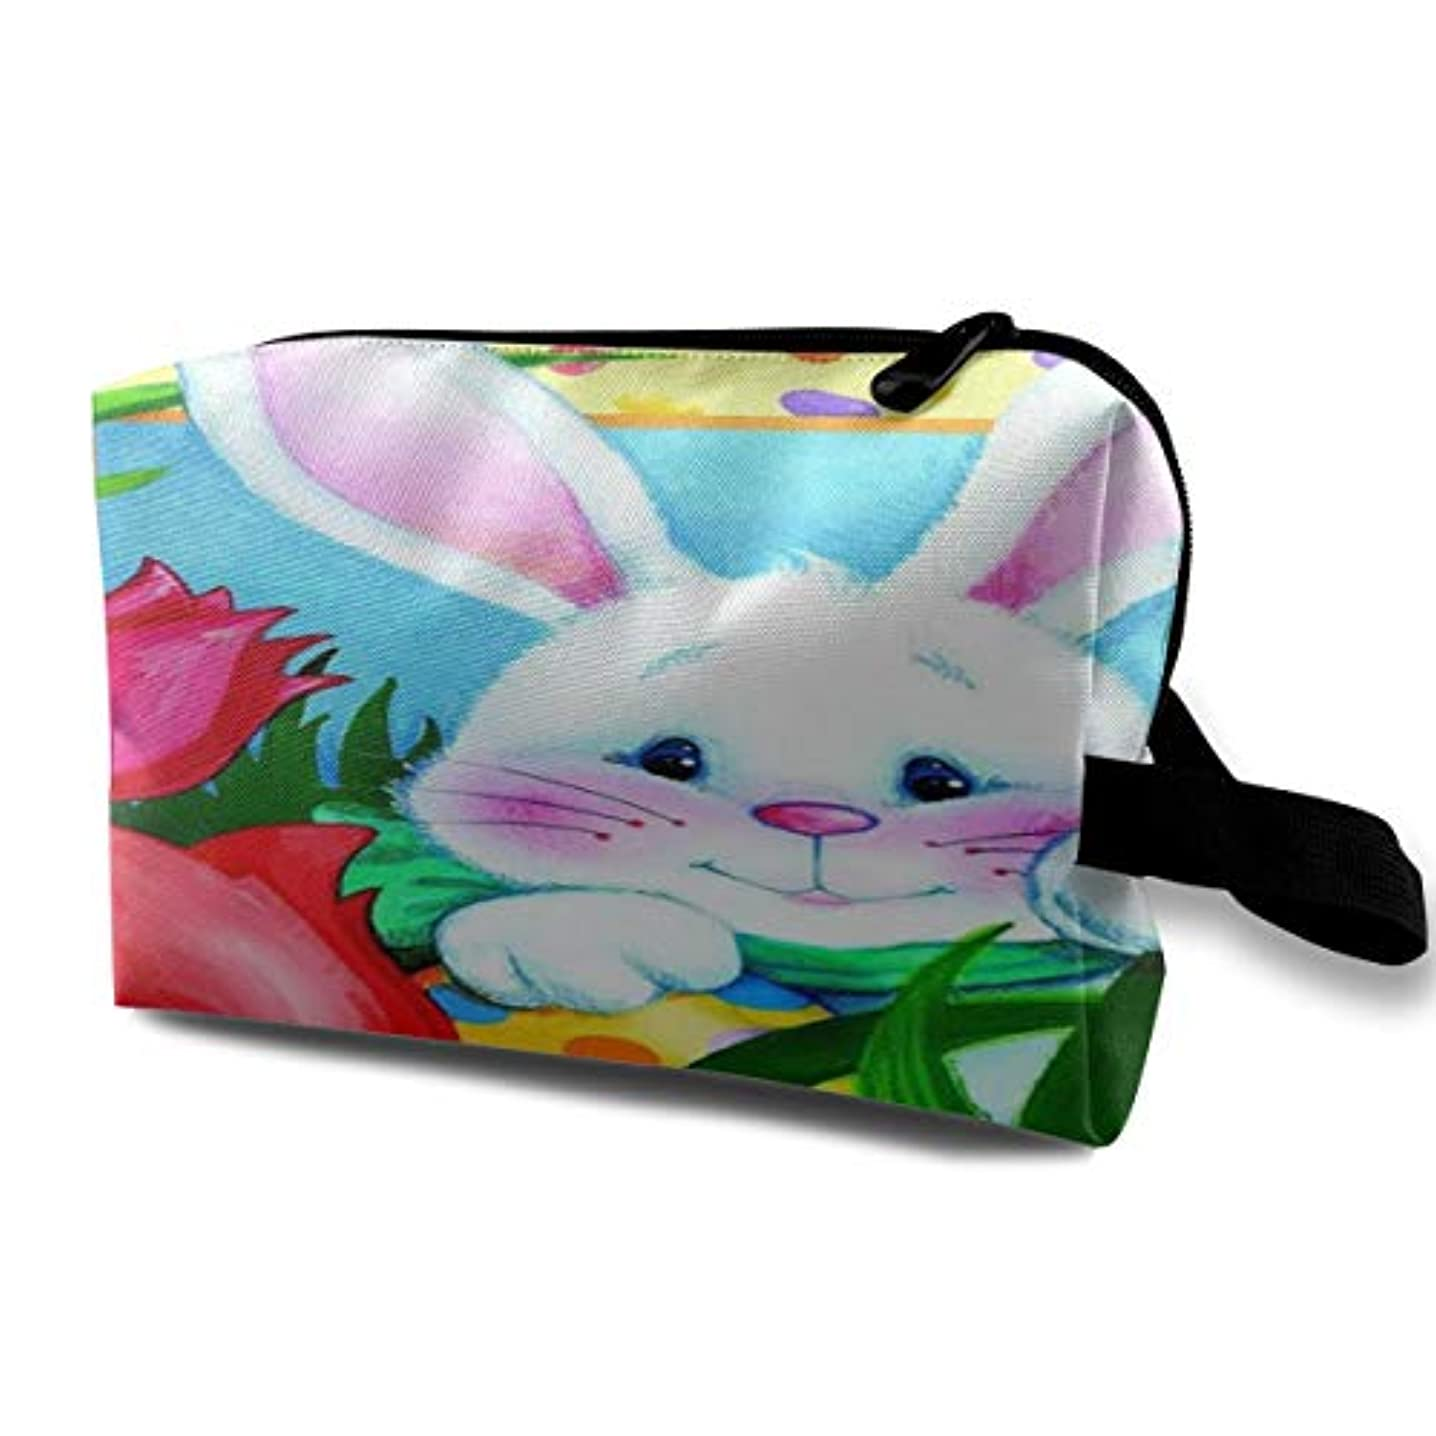 ページ路地距離Jelly Bean Bunny Easter 収納ポーチ 化粧ポーチ 大容量 軽量 耐久性 ハンドル付持ち運び便利。入れ 自宅?出張?旅行?アウトドア撮影などに対応。メンズ レディース トラベルグッズ